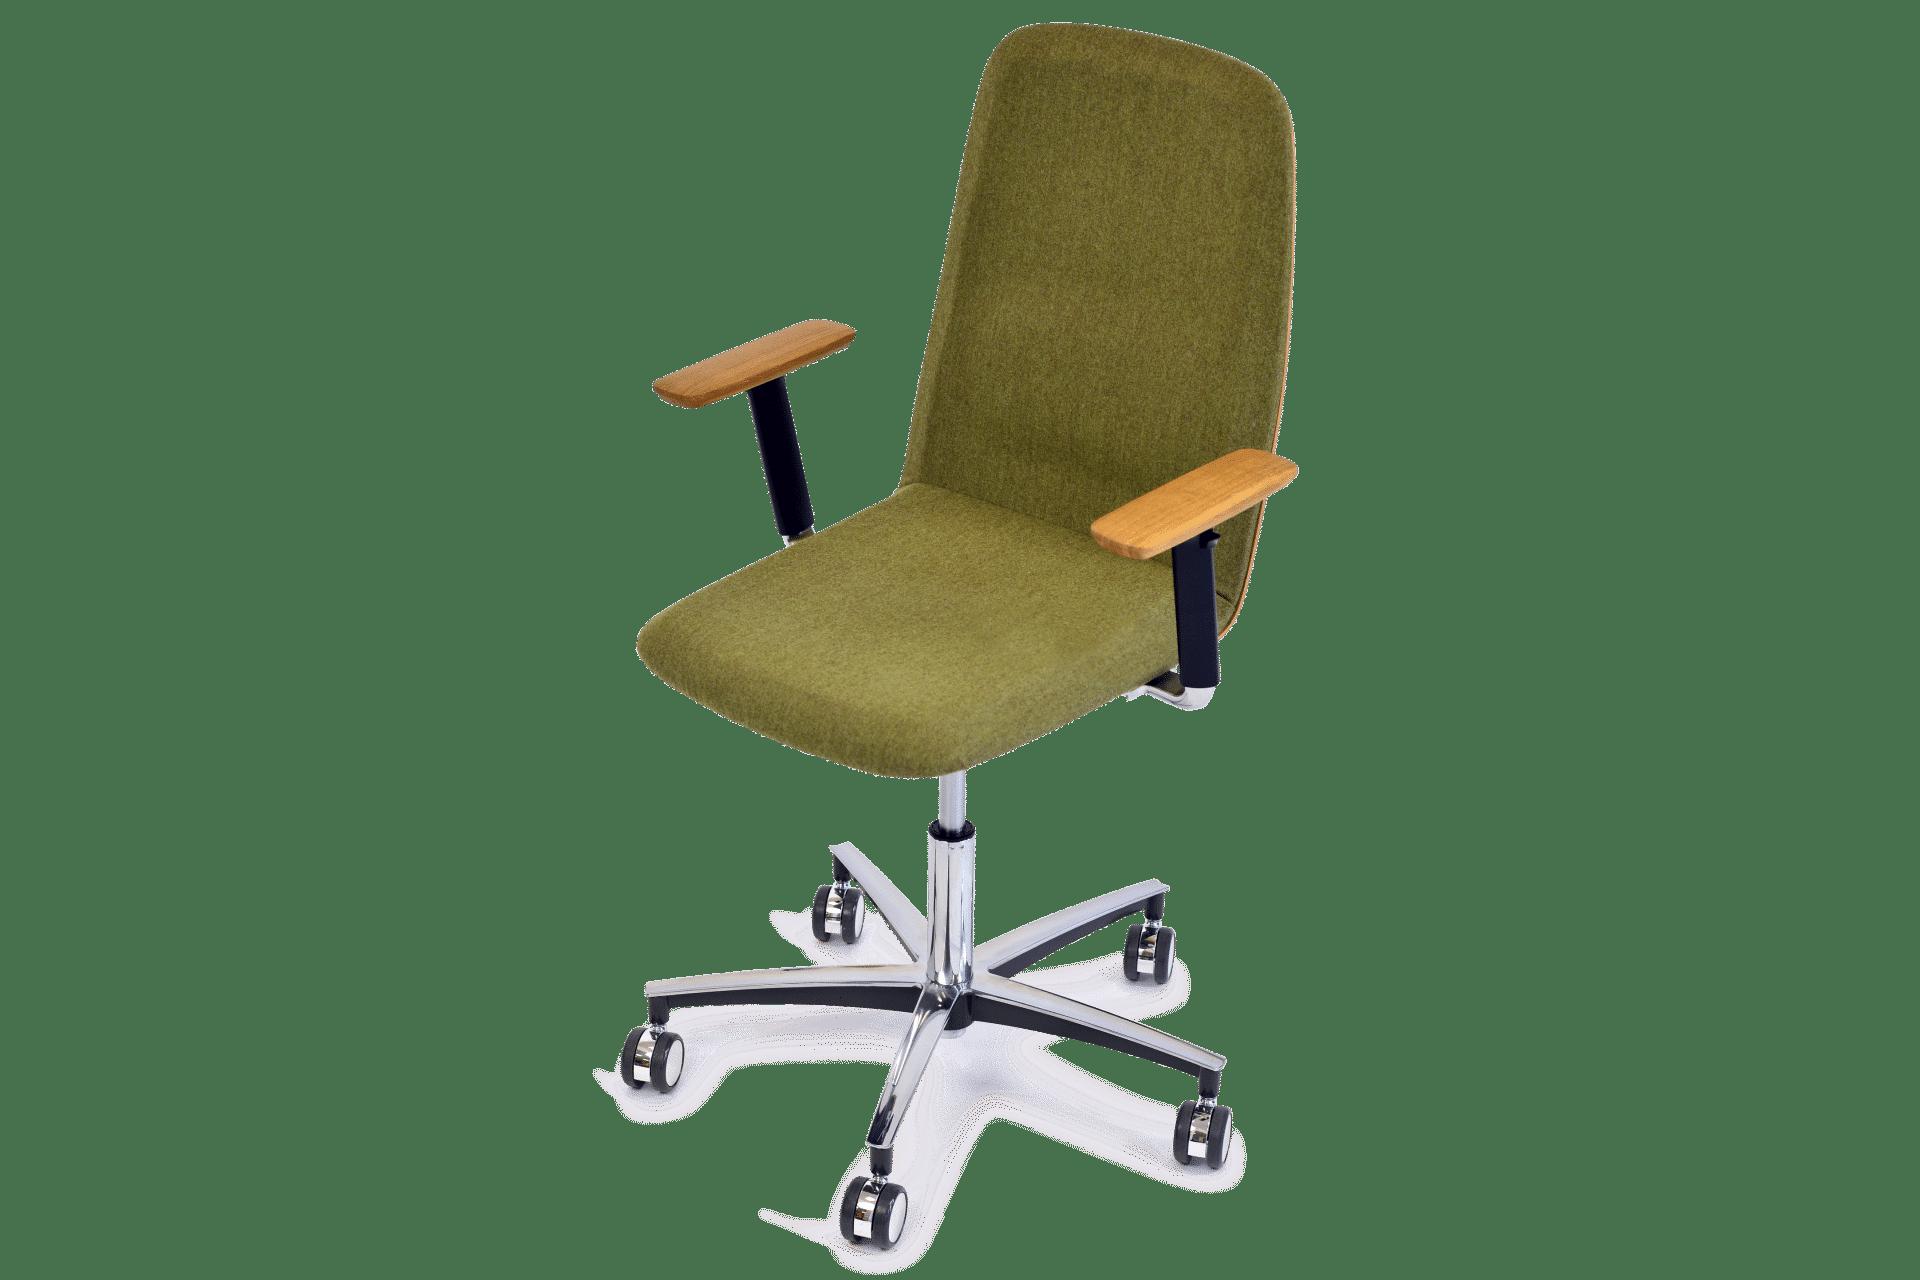 Bürostuhl ergonomisch holz  Bürostuhl M44 - Biomöbel Bonn